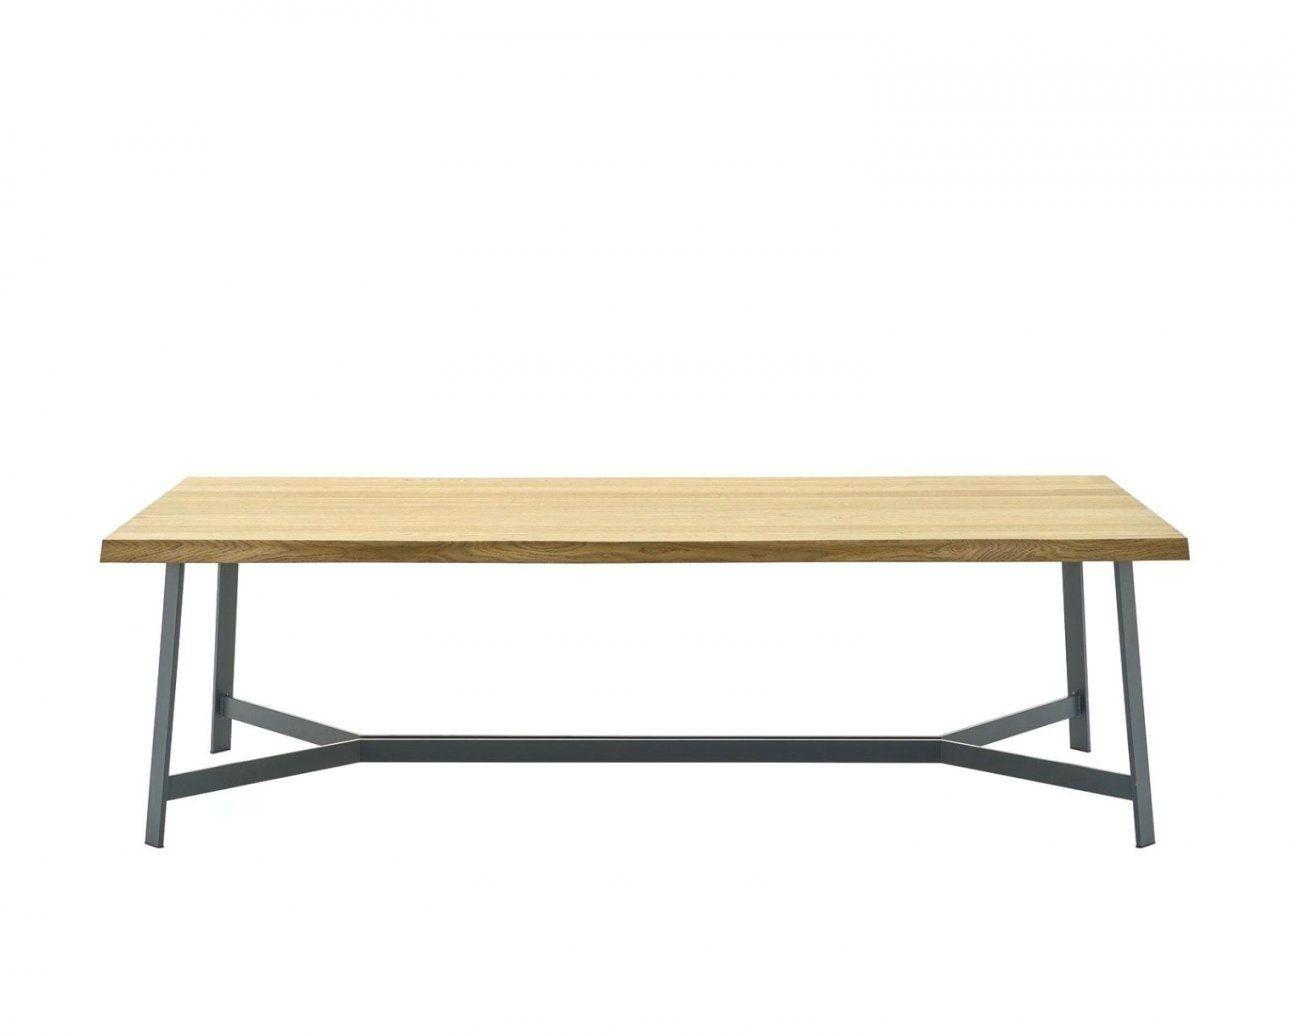 49 Genial Tisch Mit Metallgestell Bilder  Tische Ideen von Tisch Mit Metallgestell Und Holzplatte Bild